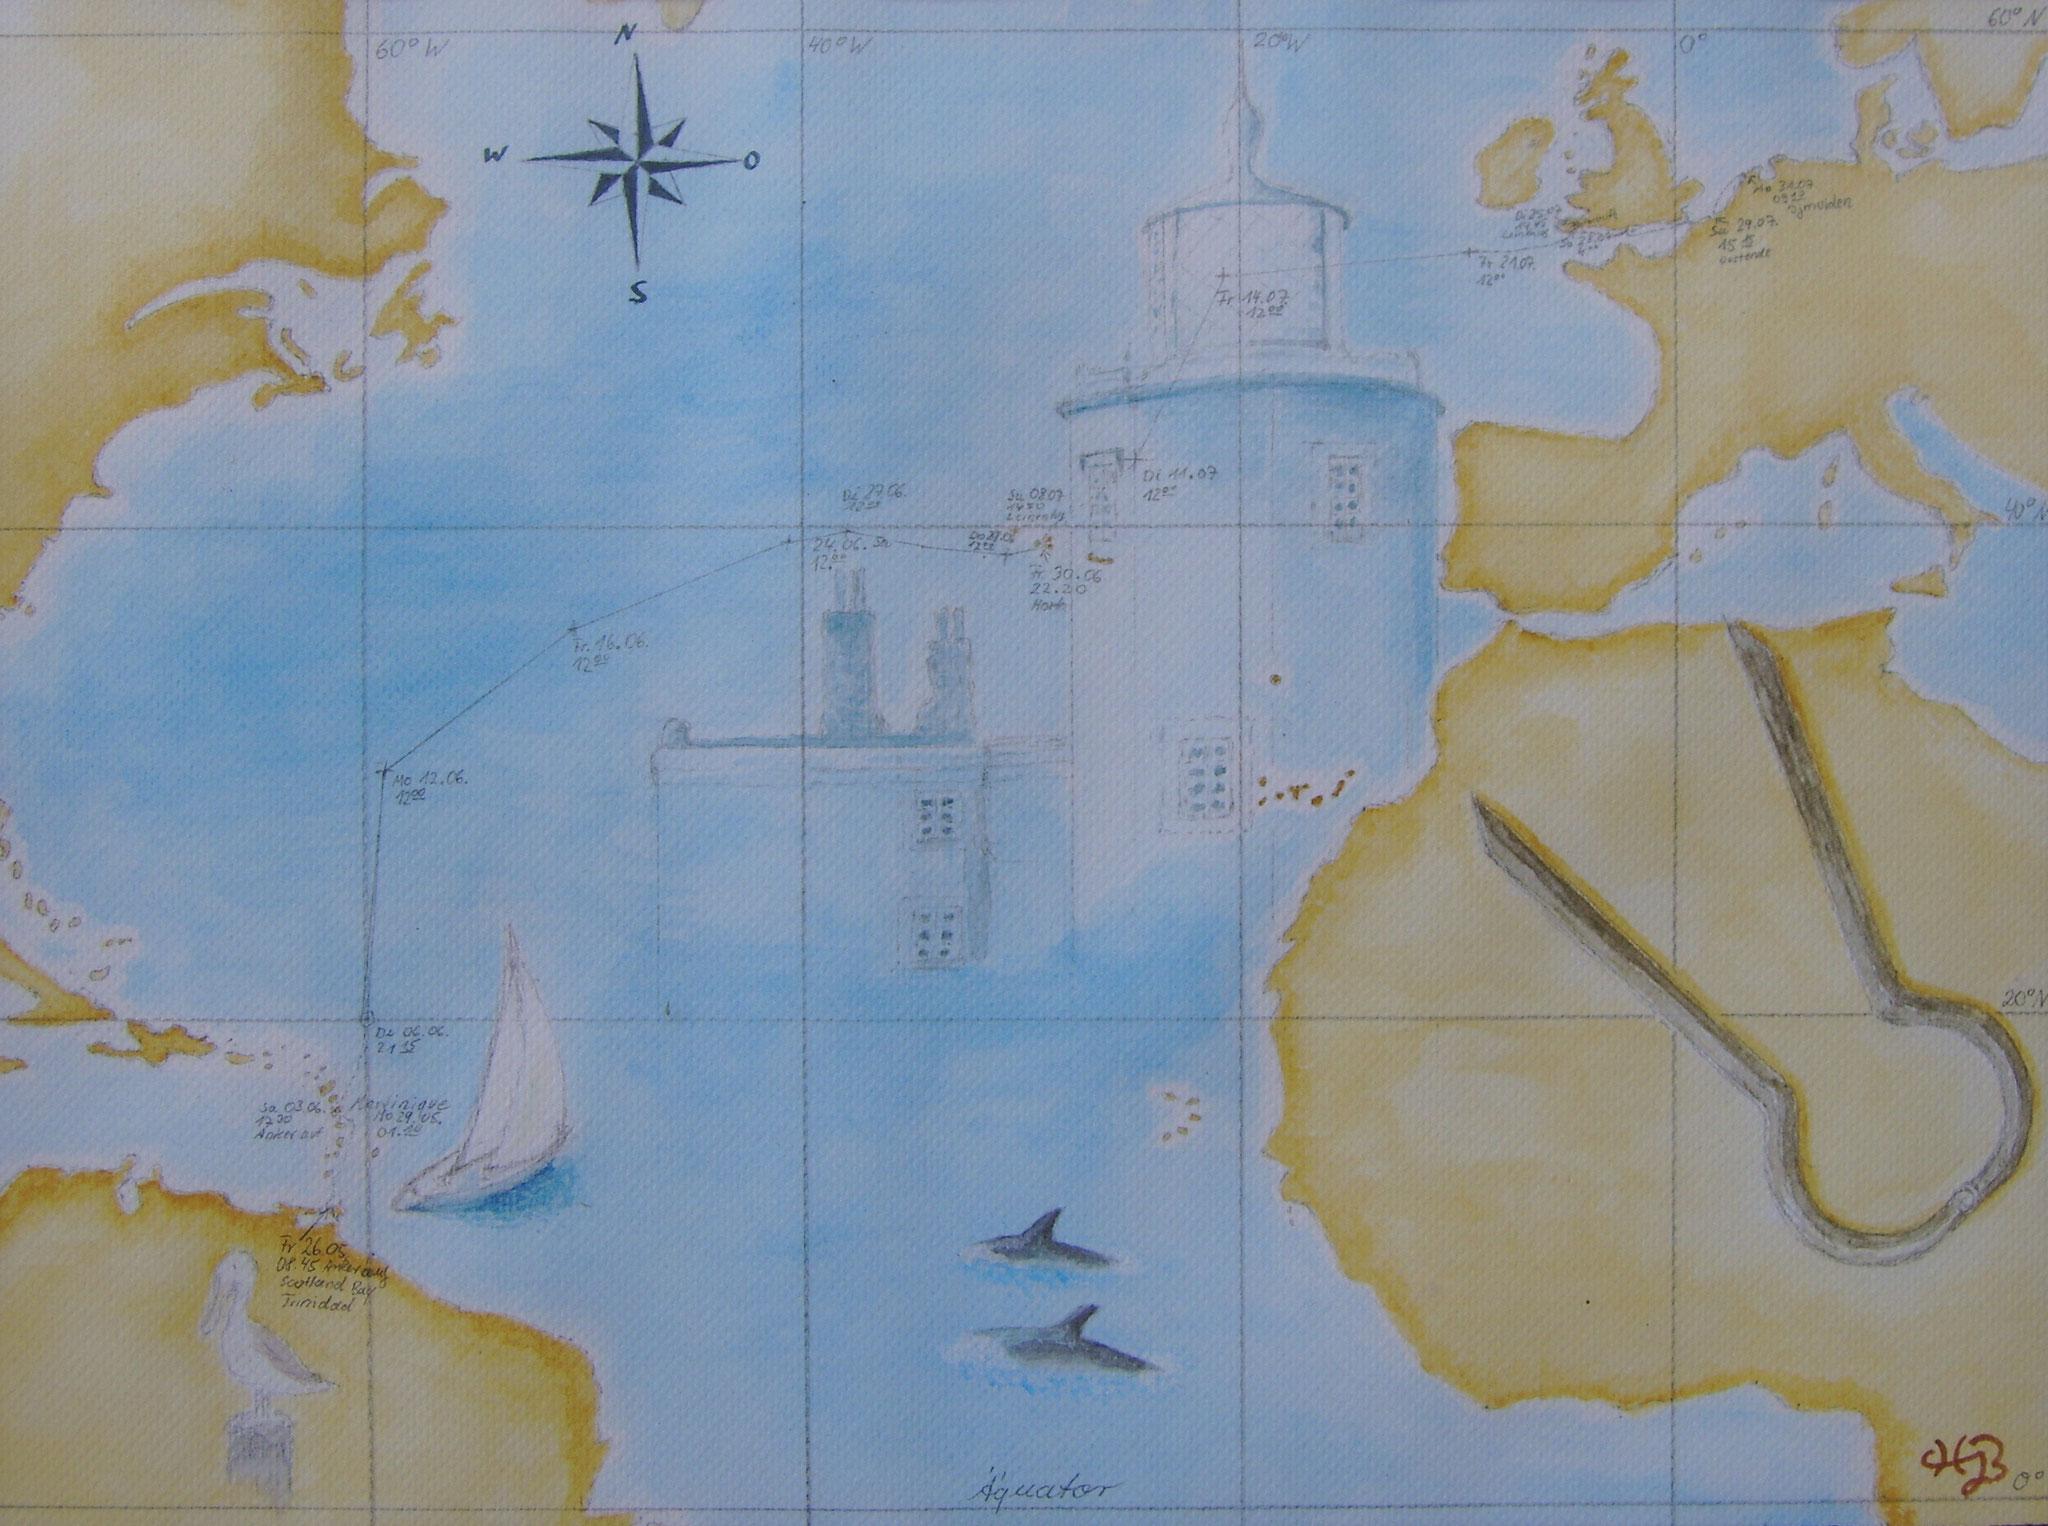 Unter Segel von Trinidat nach Ijmuiden (NL), 2006, Aquarell, 40 x 30 cm